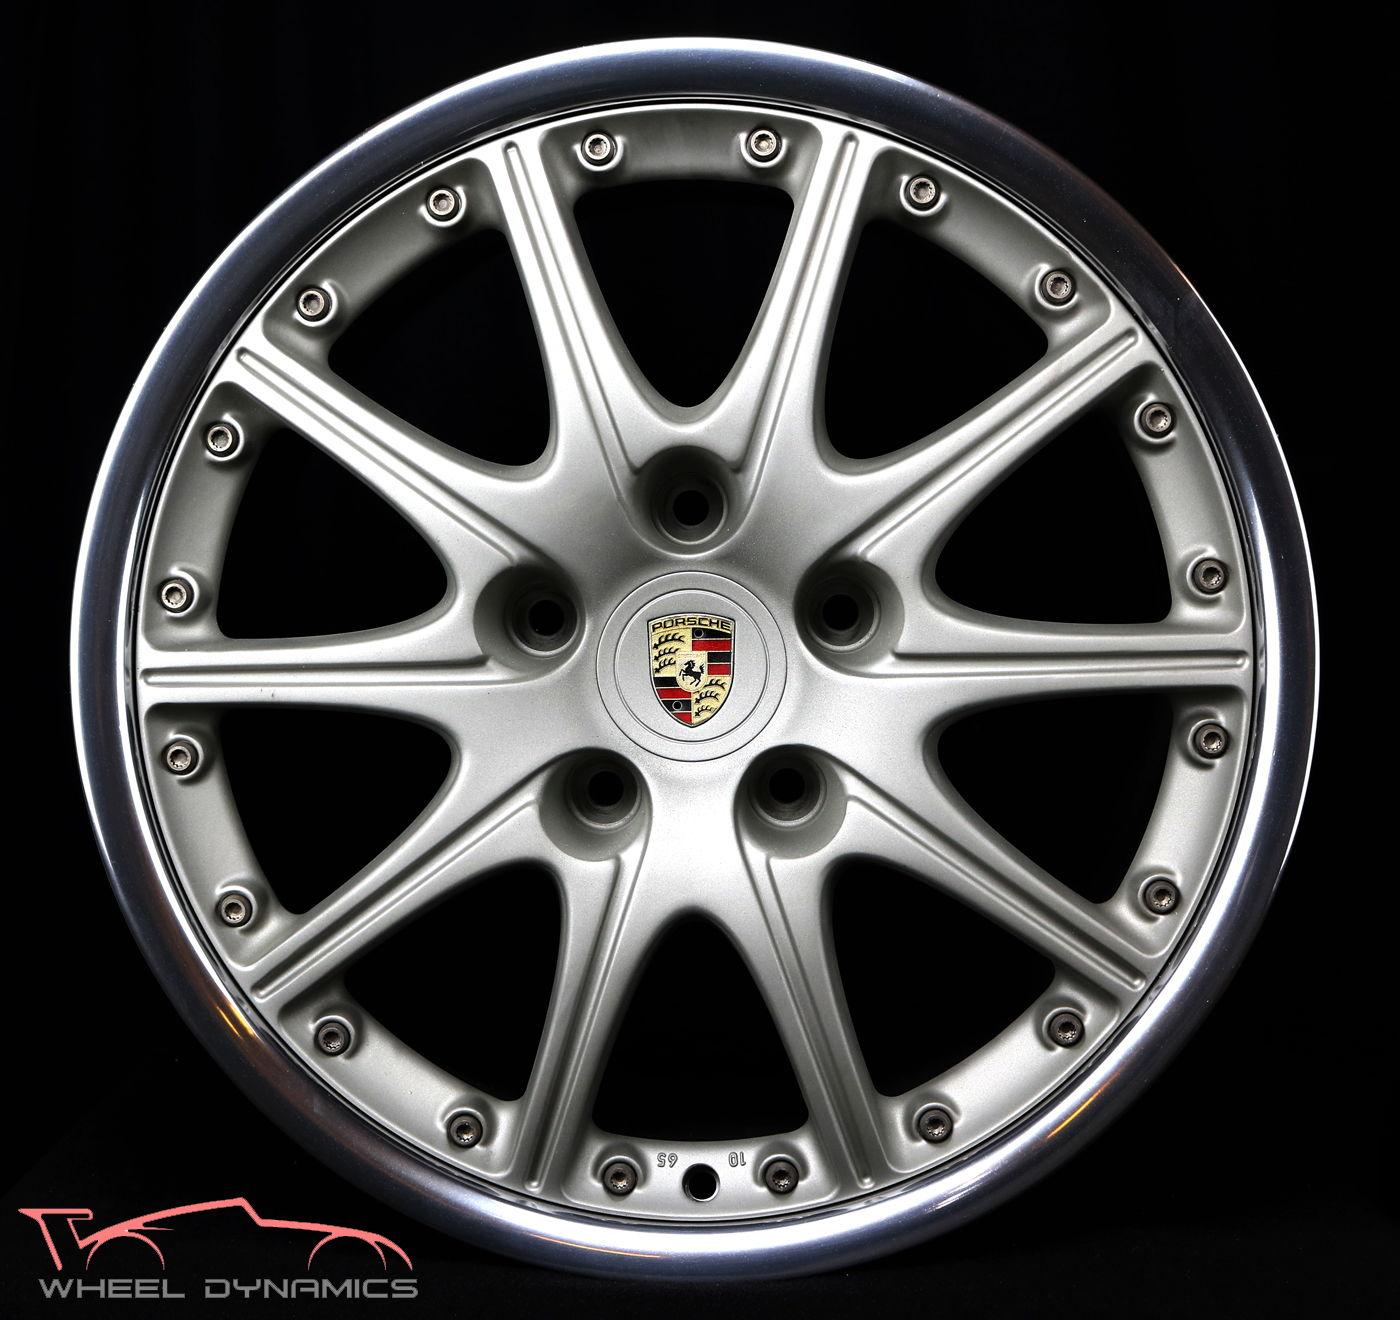 Porsche Sport Design Wheels 18 In Unique Color As Kinesis